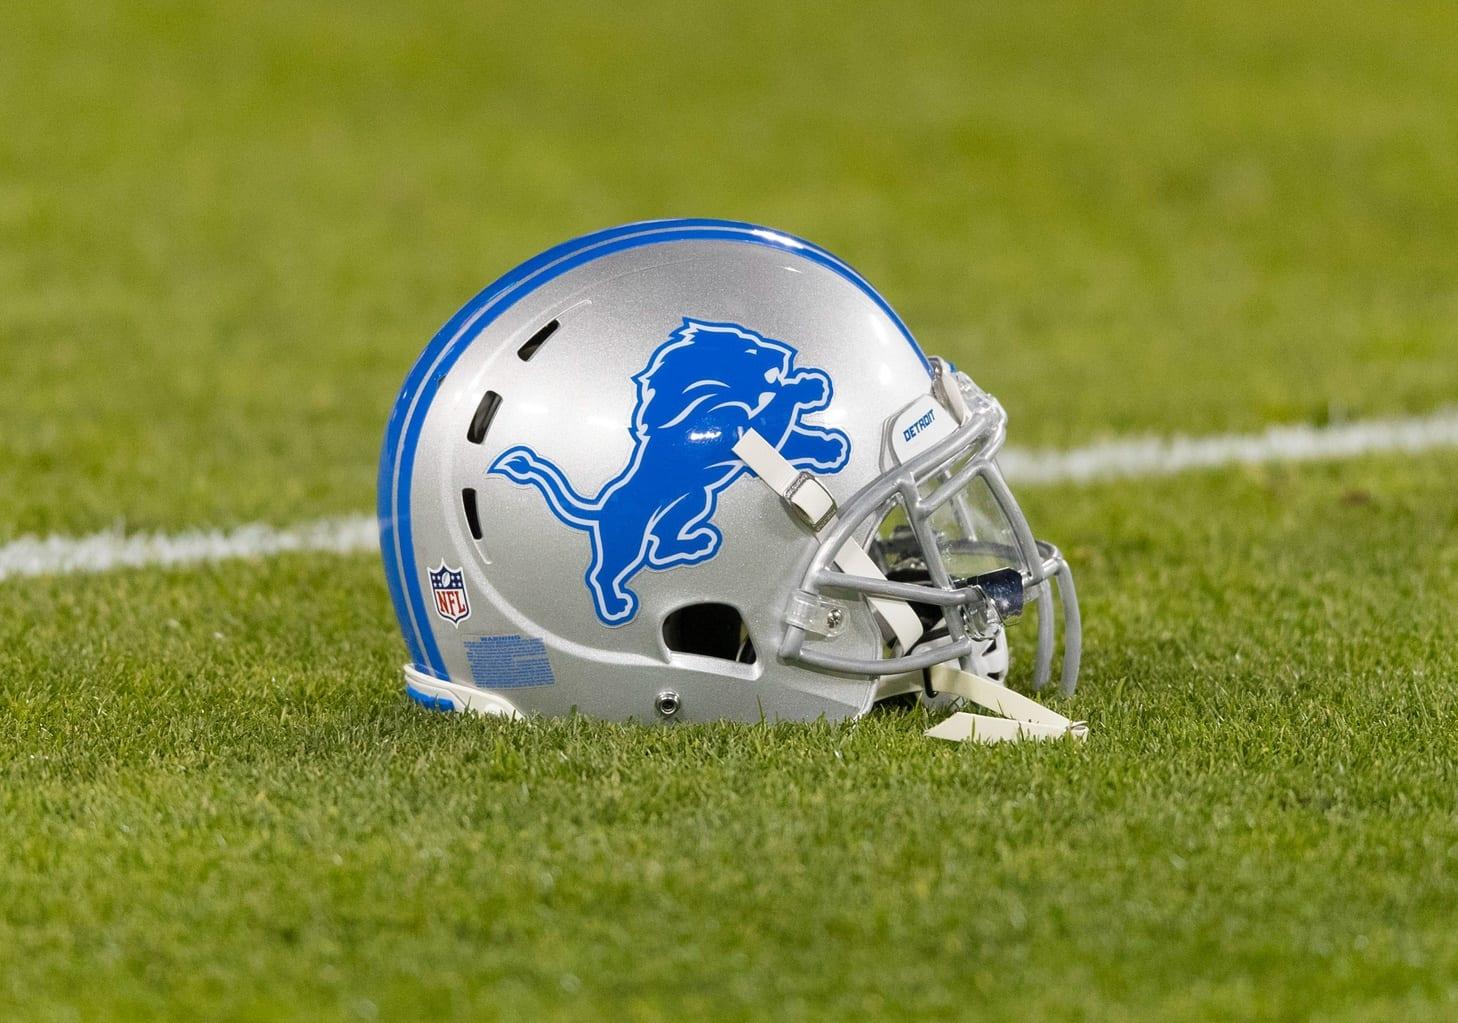 Lions-helmet-6